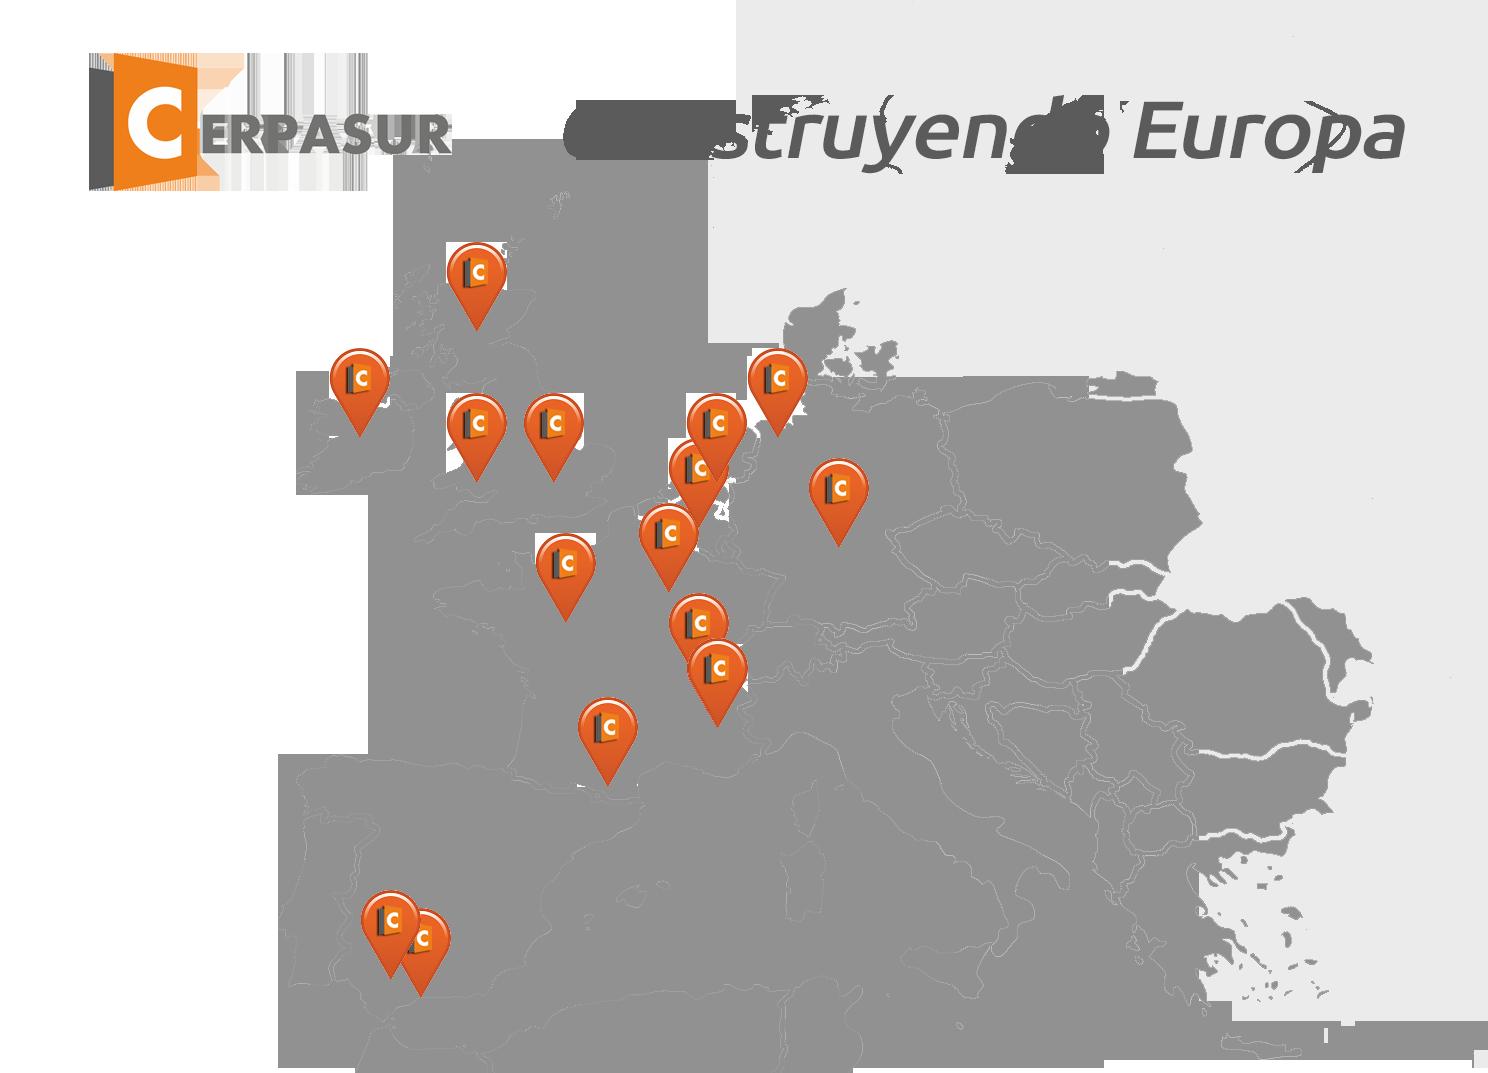 Cerpasur en toda Europa construyendo tiendas retail y edificaciones